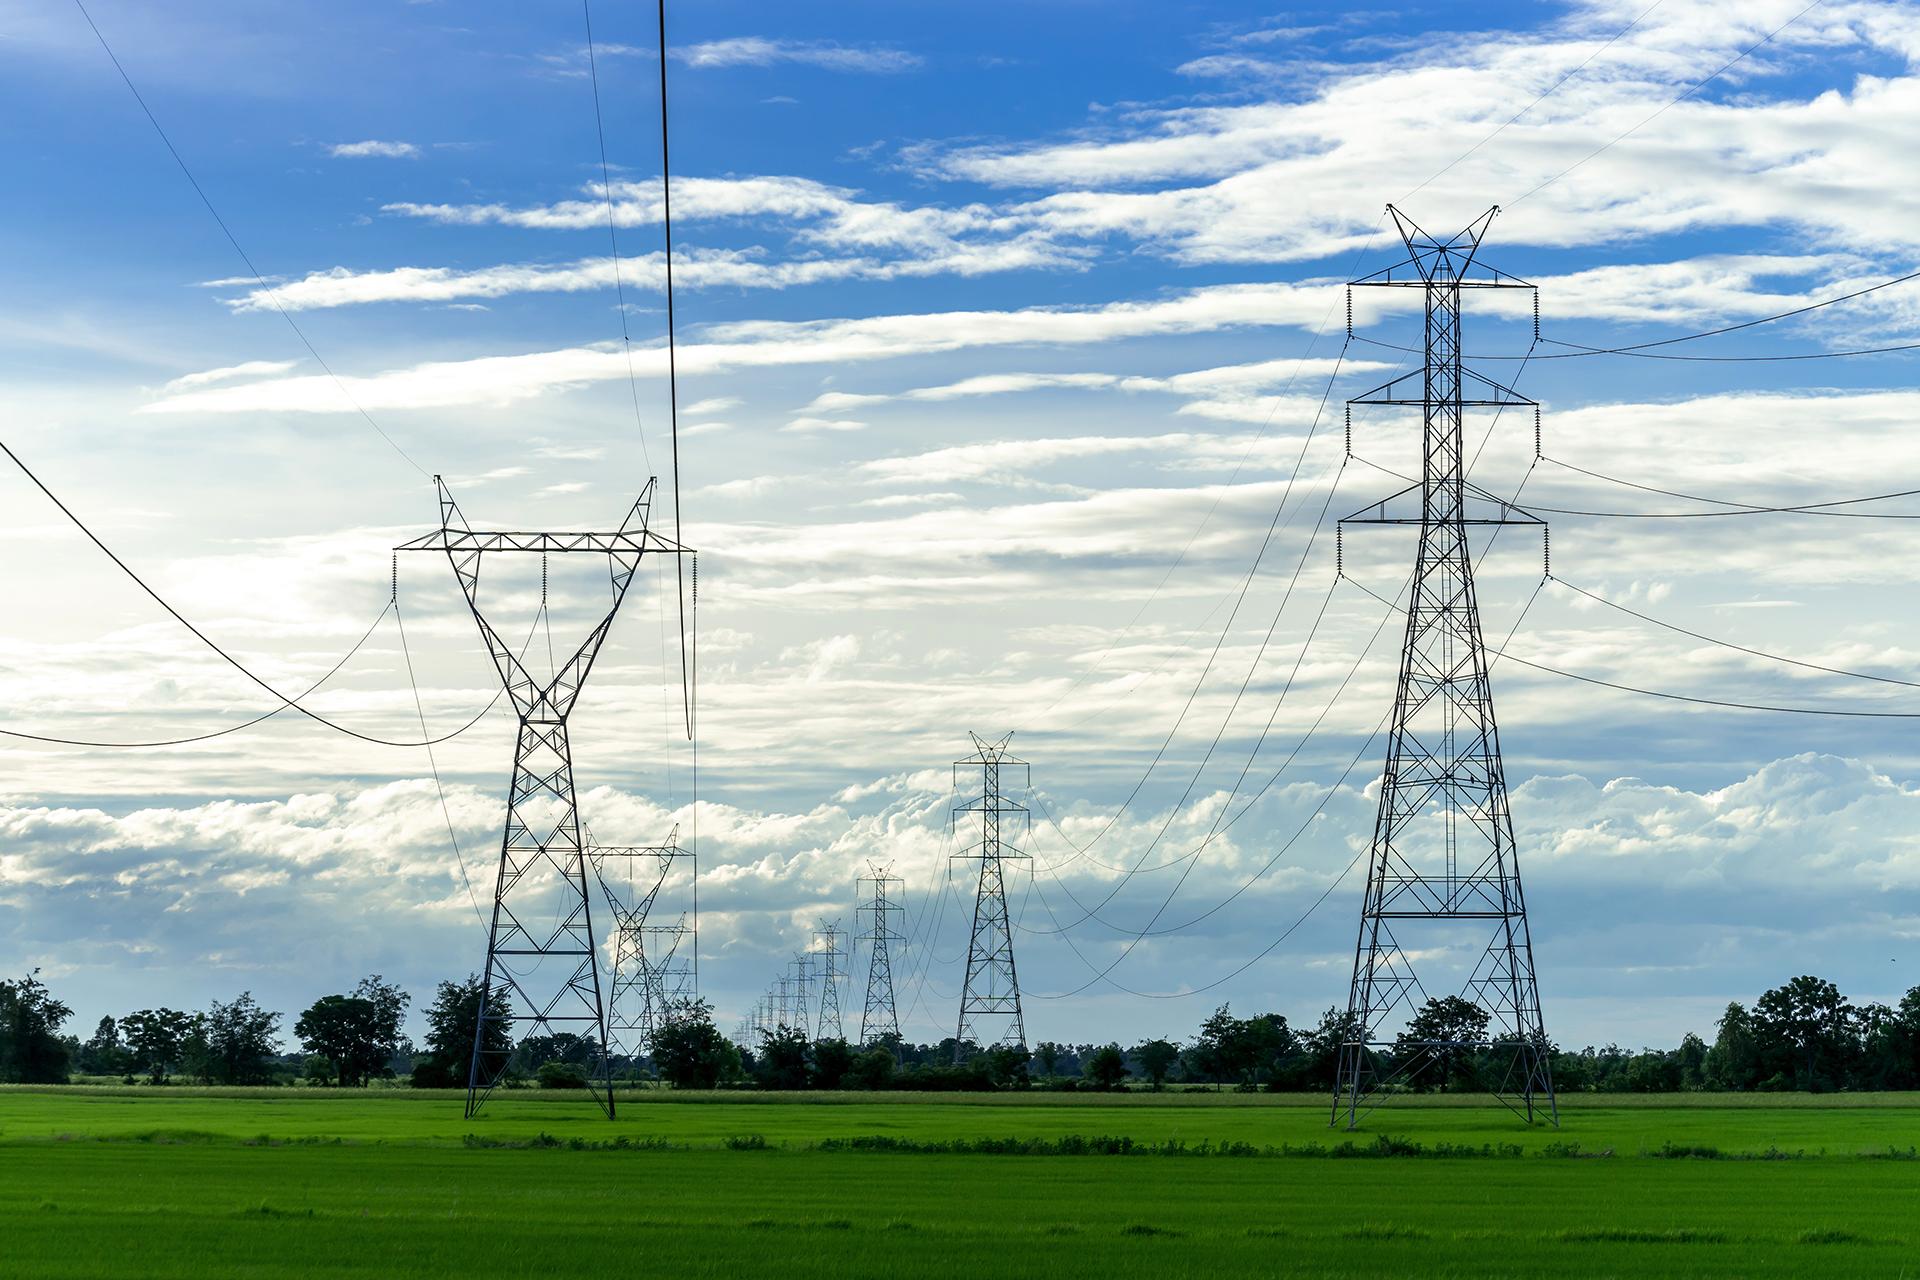 torres de energia no campo